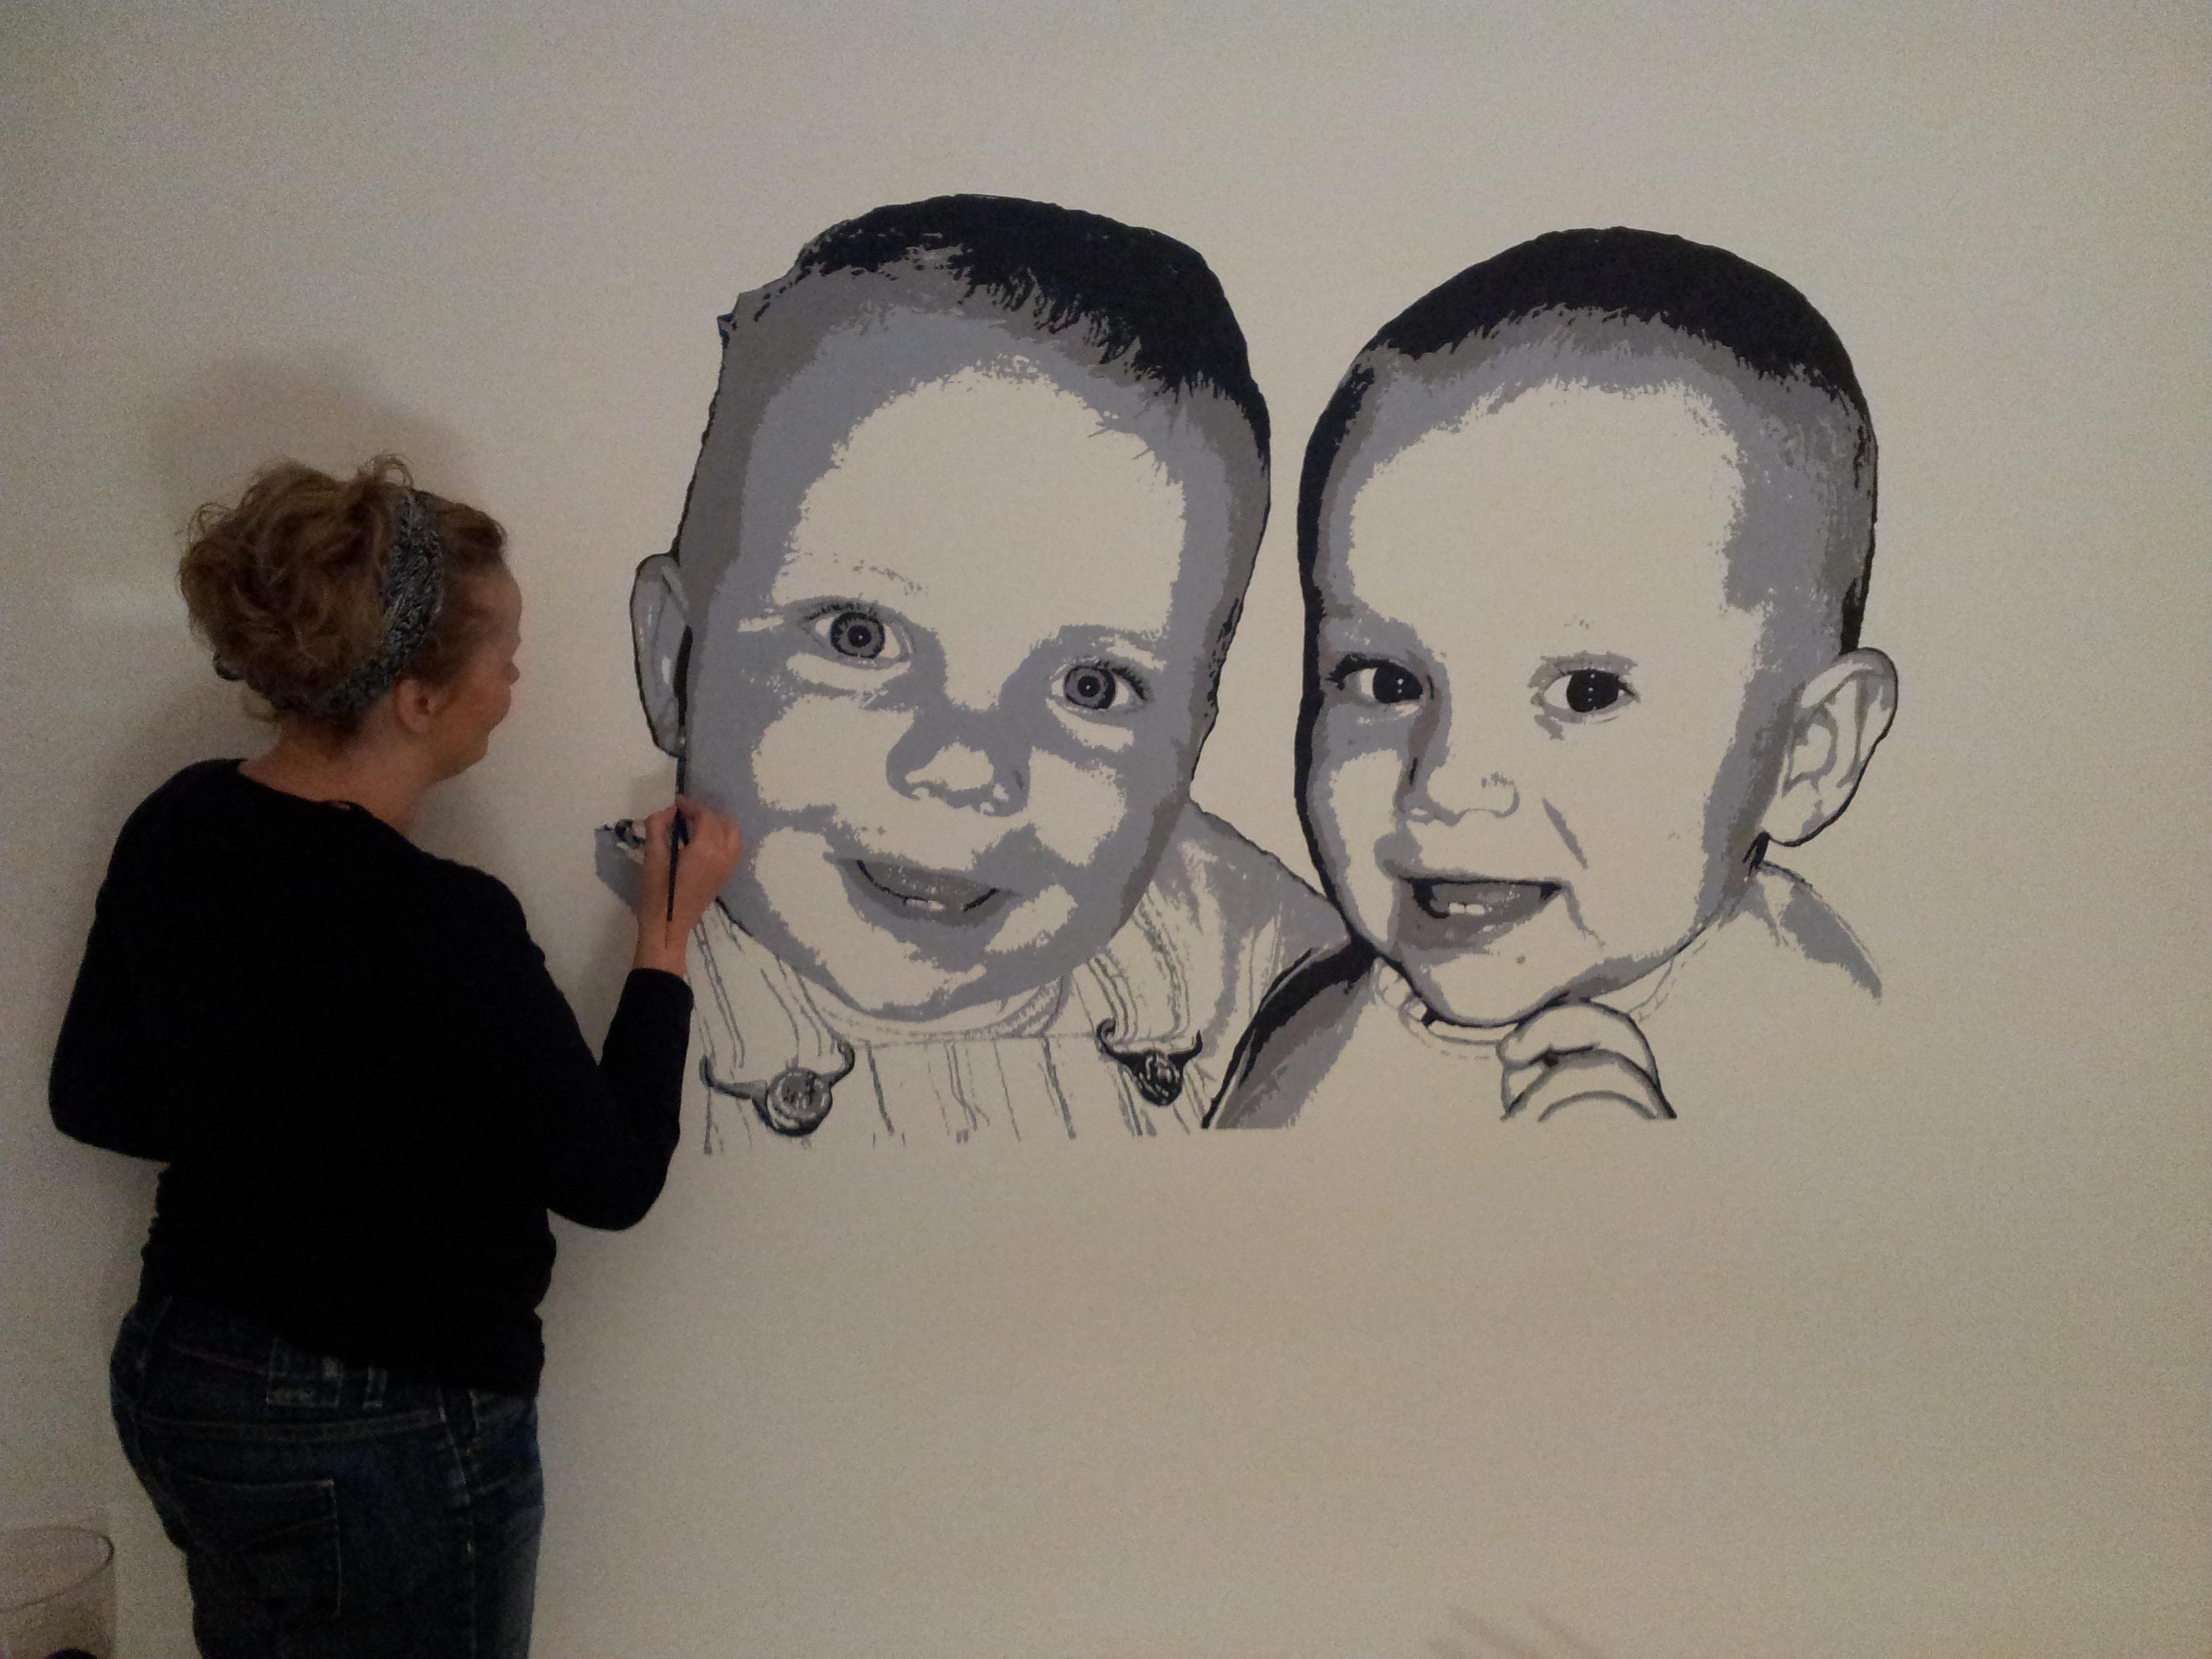 werk in uitvoering. 2 lieve gezichtjes op de muur